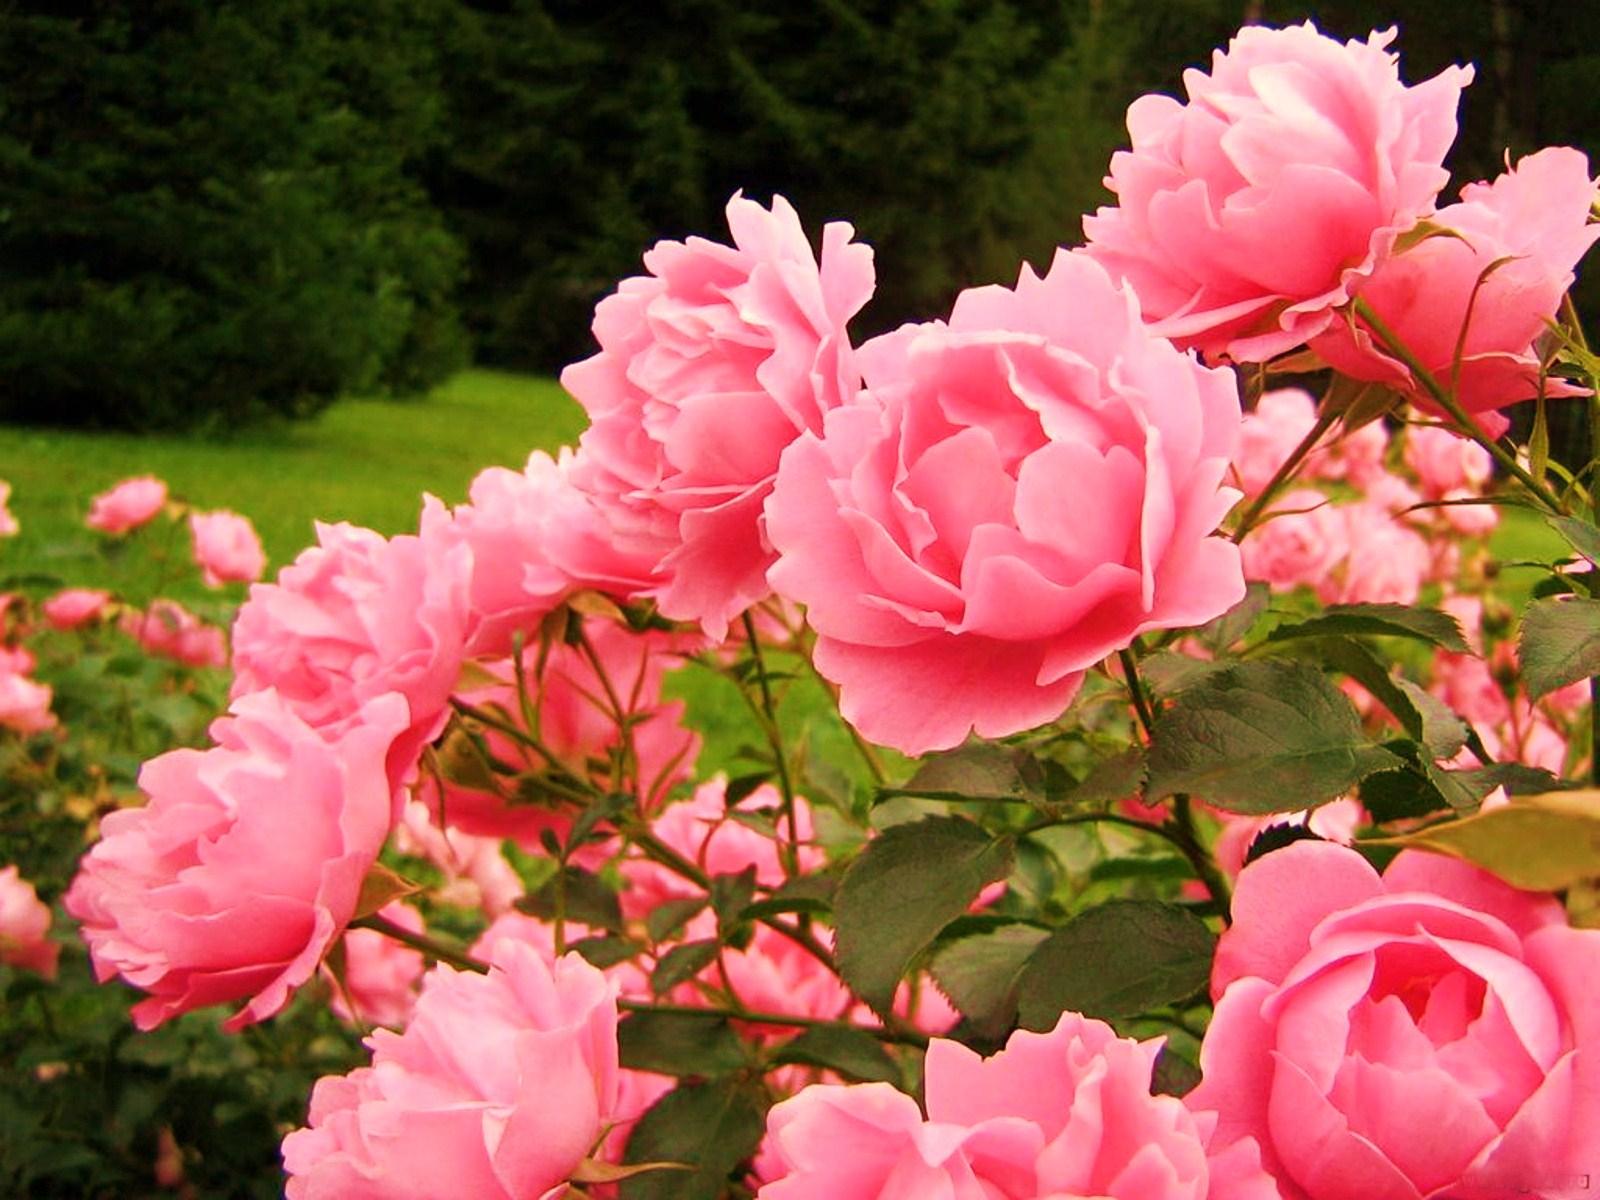 Открытки с розами в саду